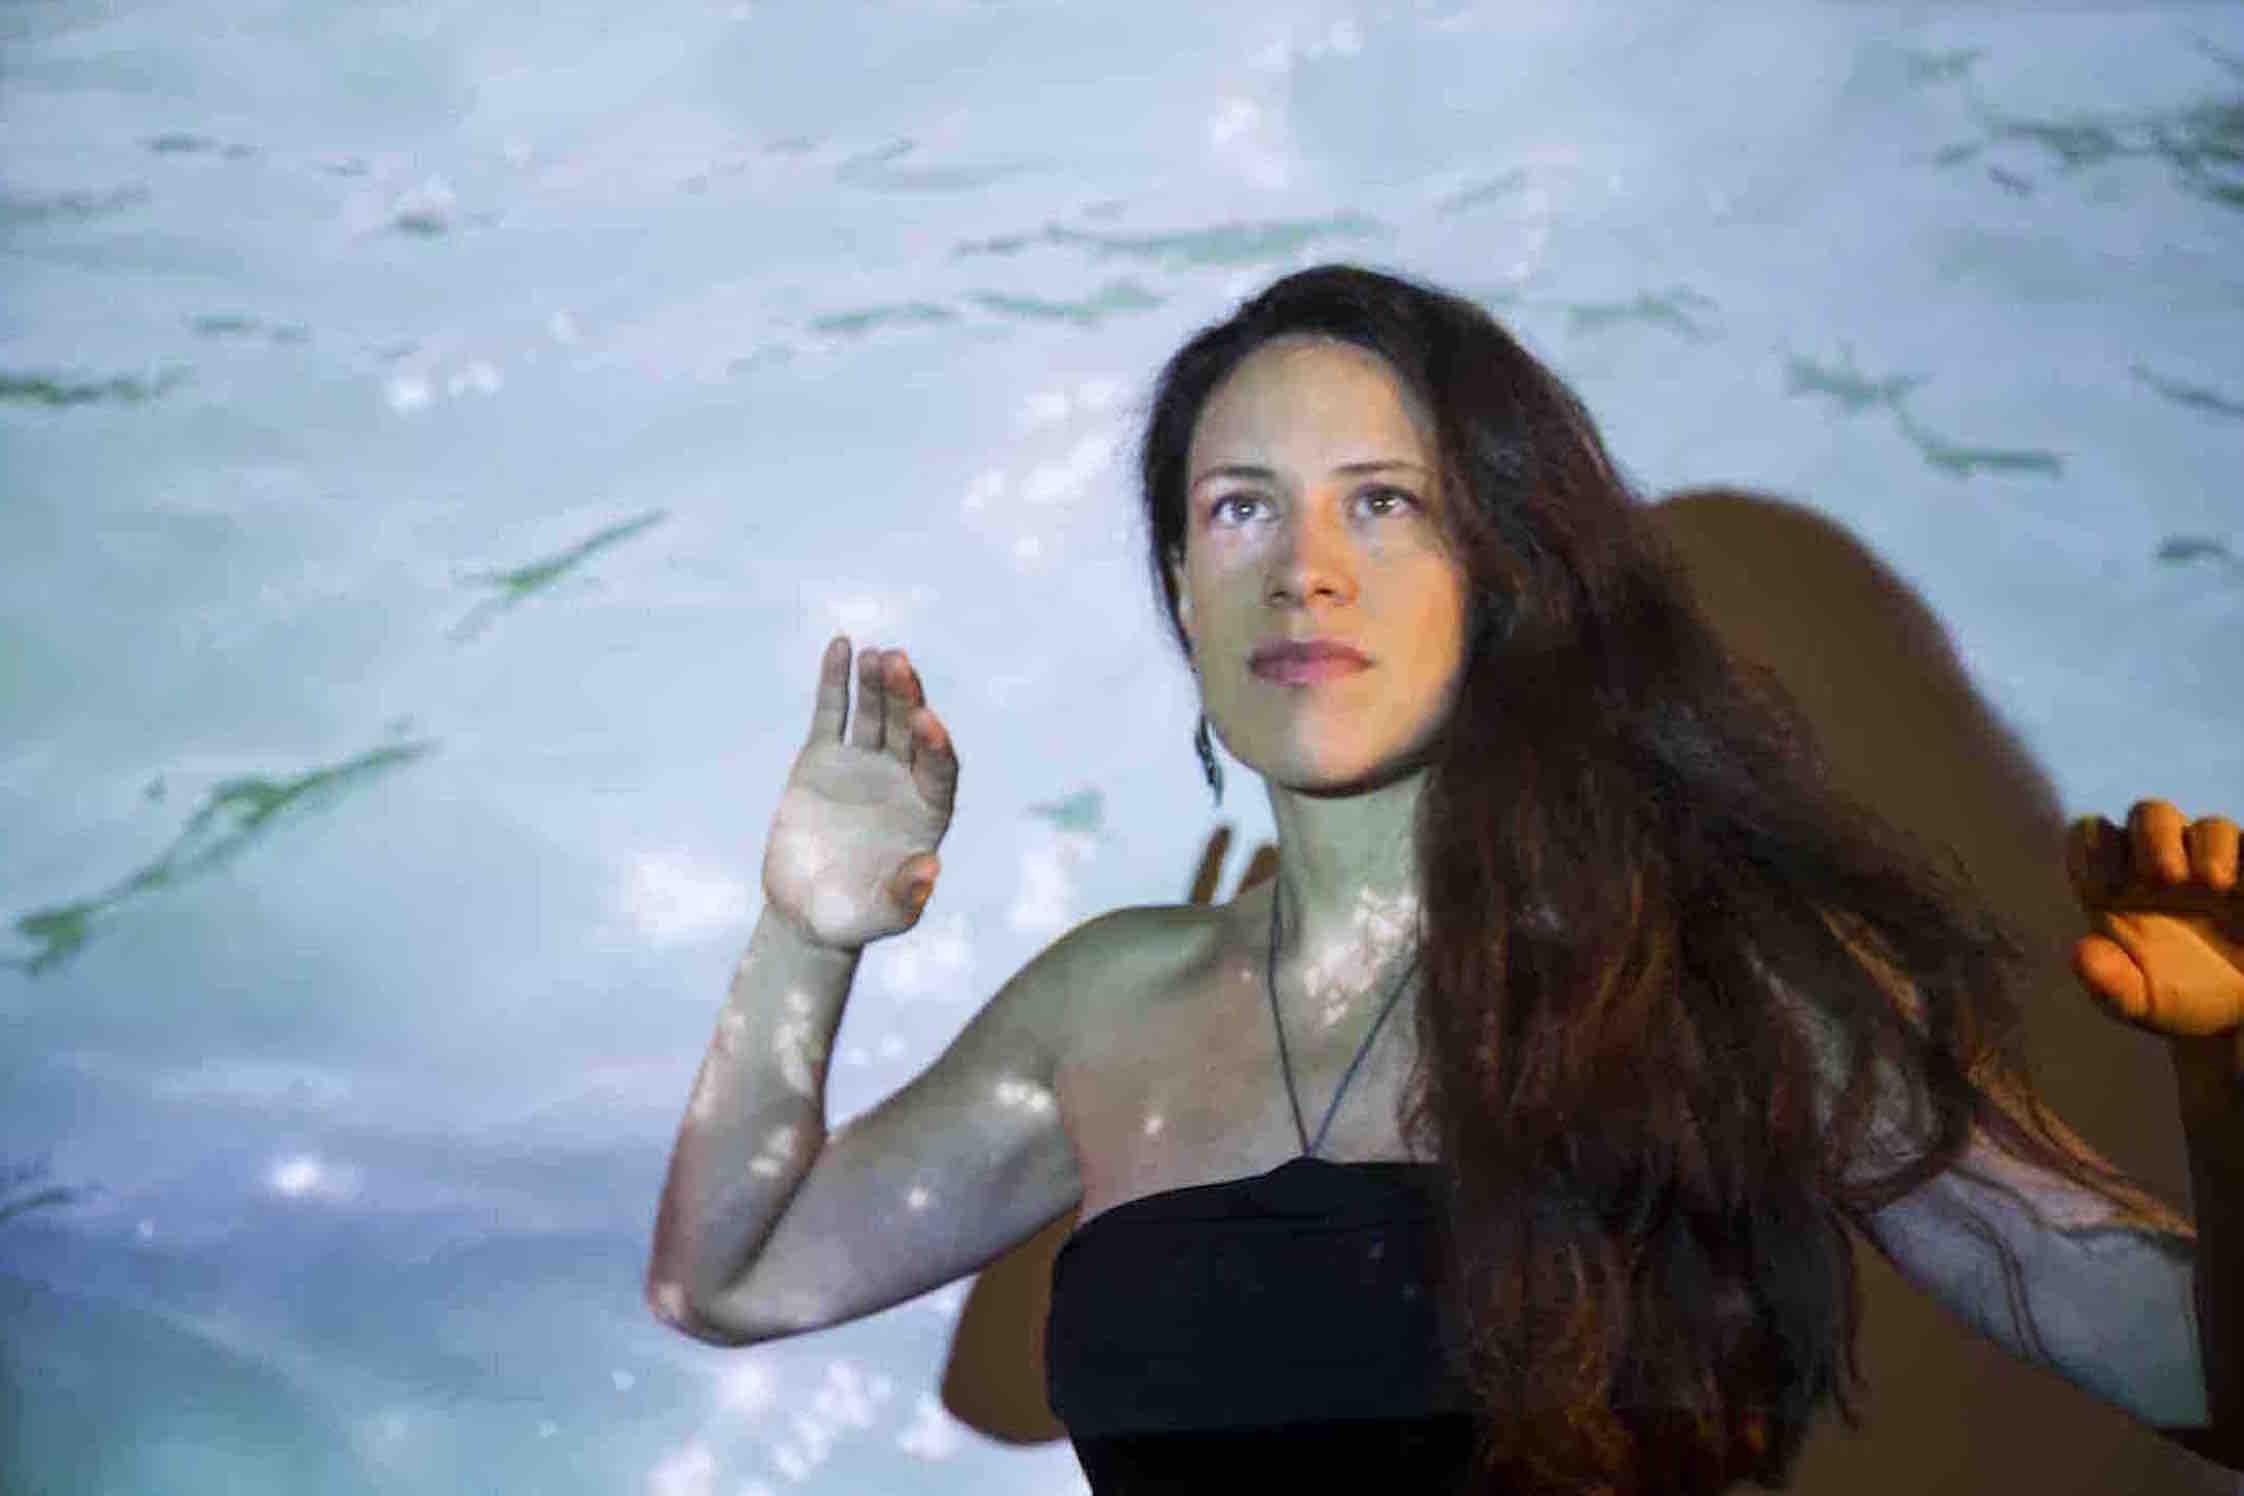 Ecologie, Pérou, Droits des Femmes, chant, musique créole, émotions, solidarité